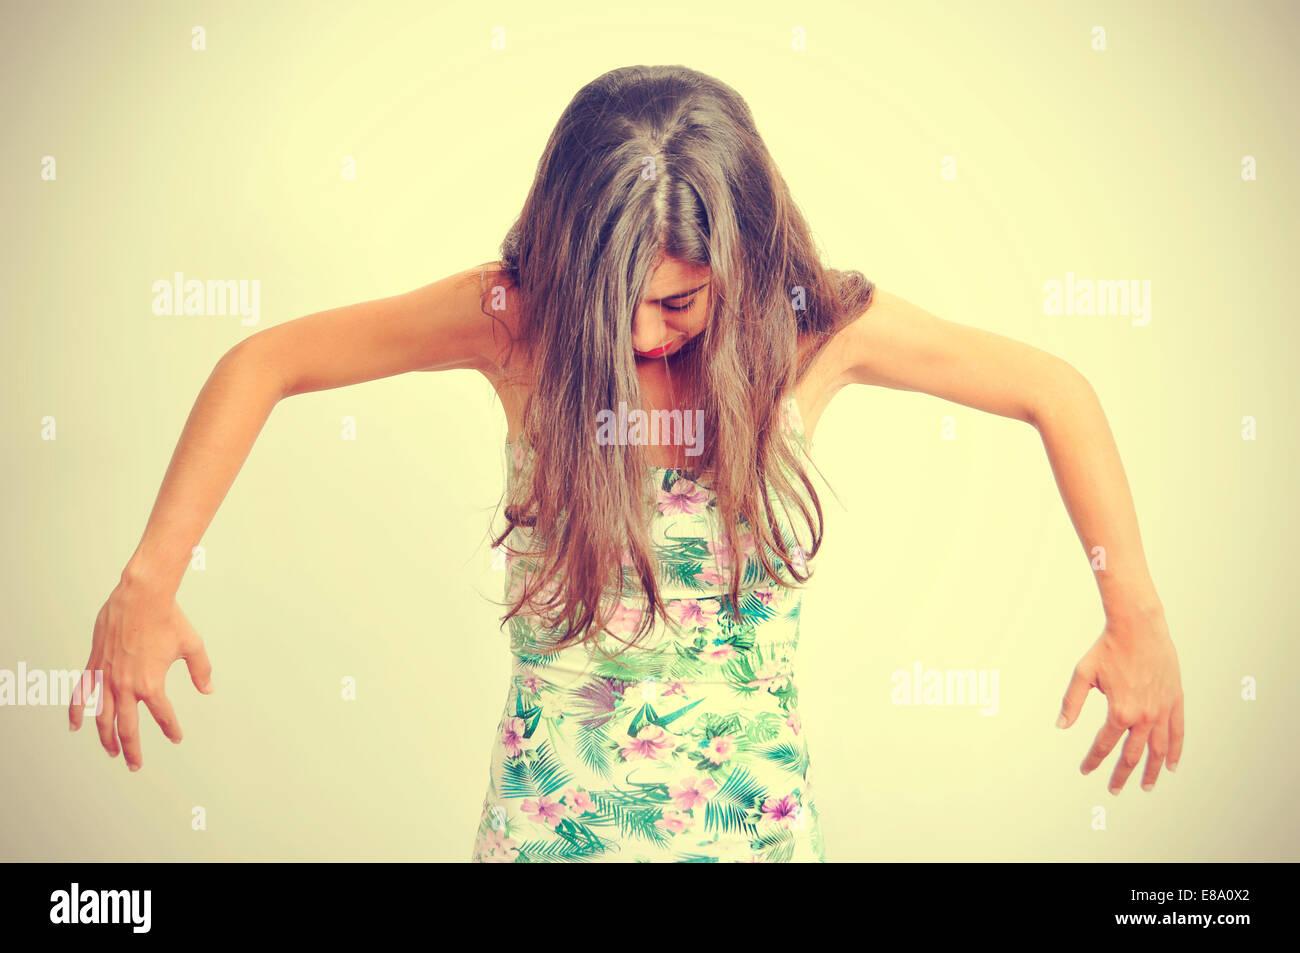 Porträt einer jungen Brünette Frau, zeitgenössischer Tanz, mit einem Retro-Effekt Stockbild